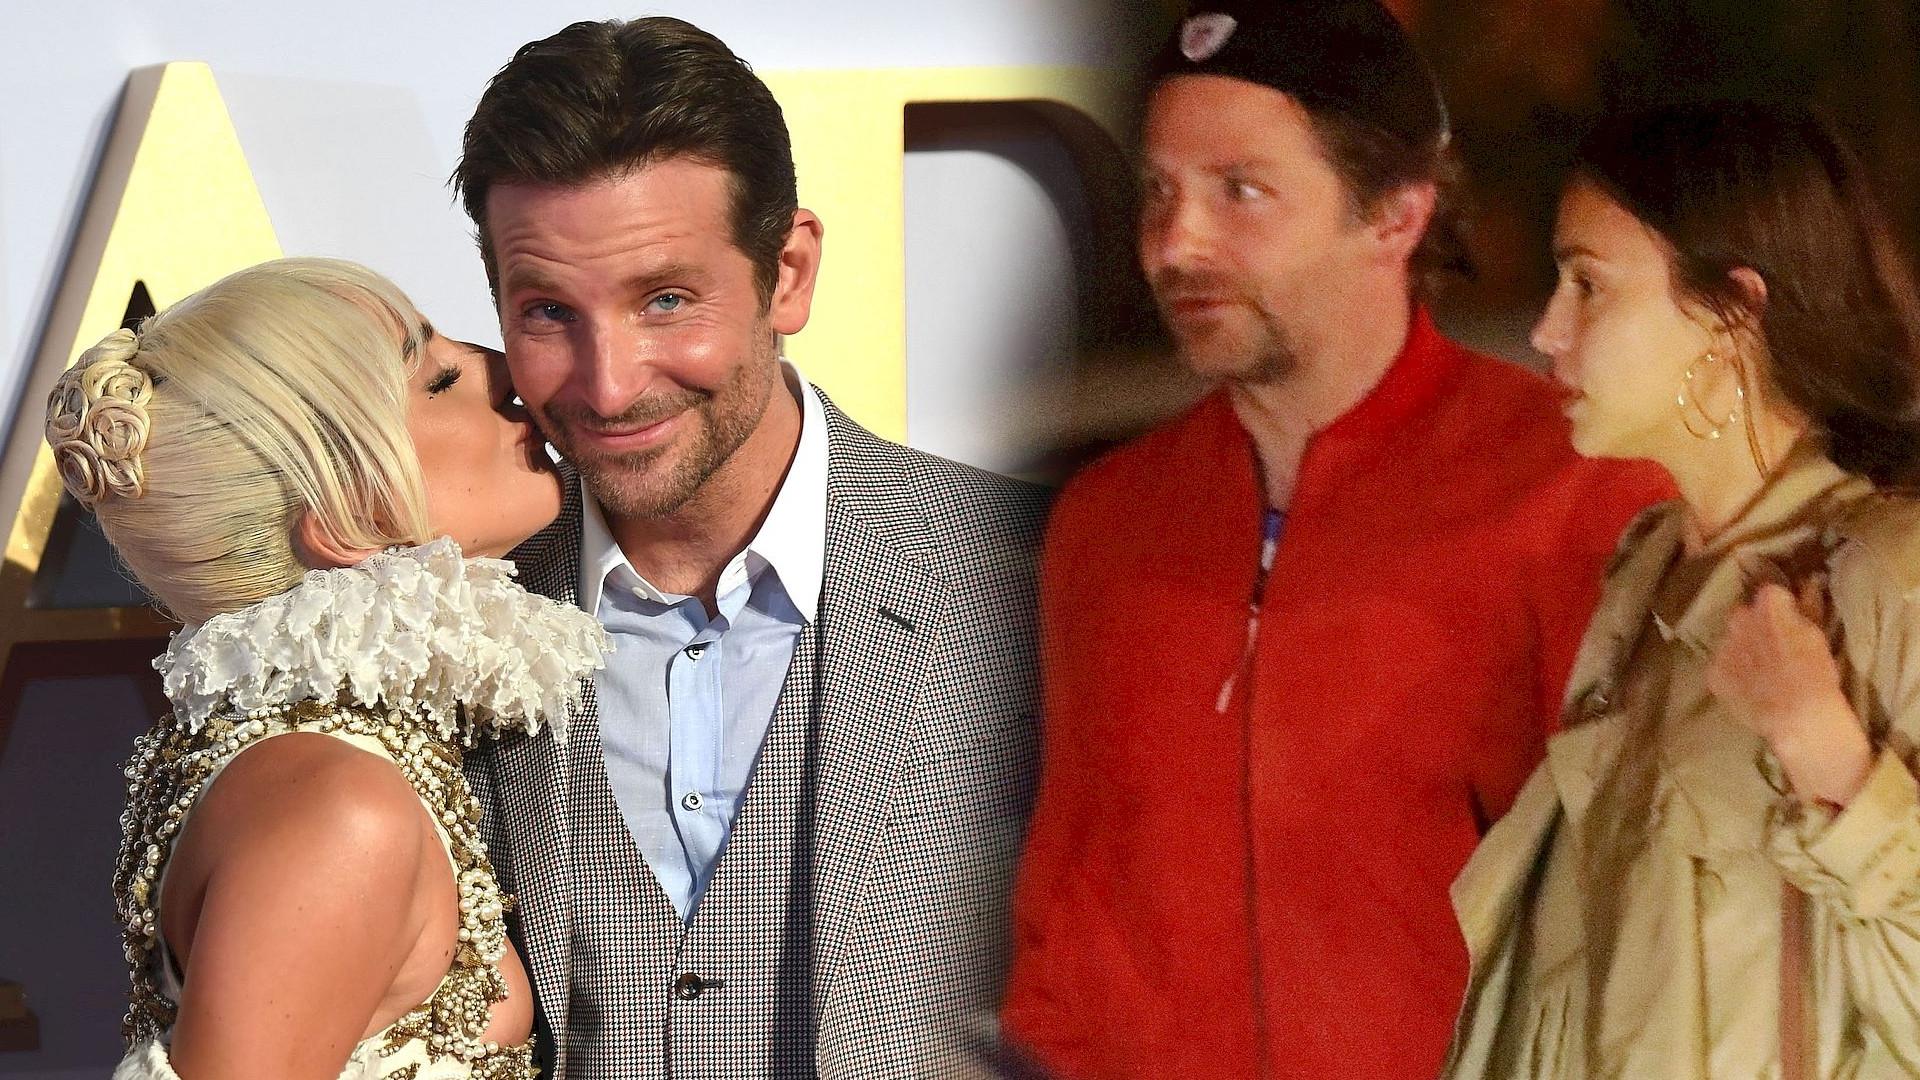 Co Lady Gaga miała WSPÓLNEGO z rozstaniem Iriny Shayk i Bradleya Coopera? Wyszły na jaw NOWE informacje